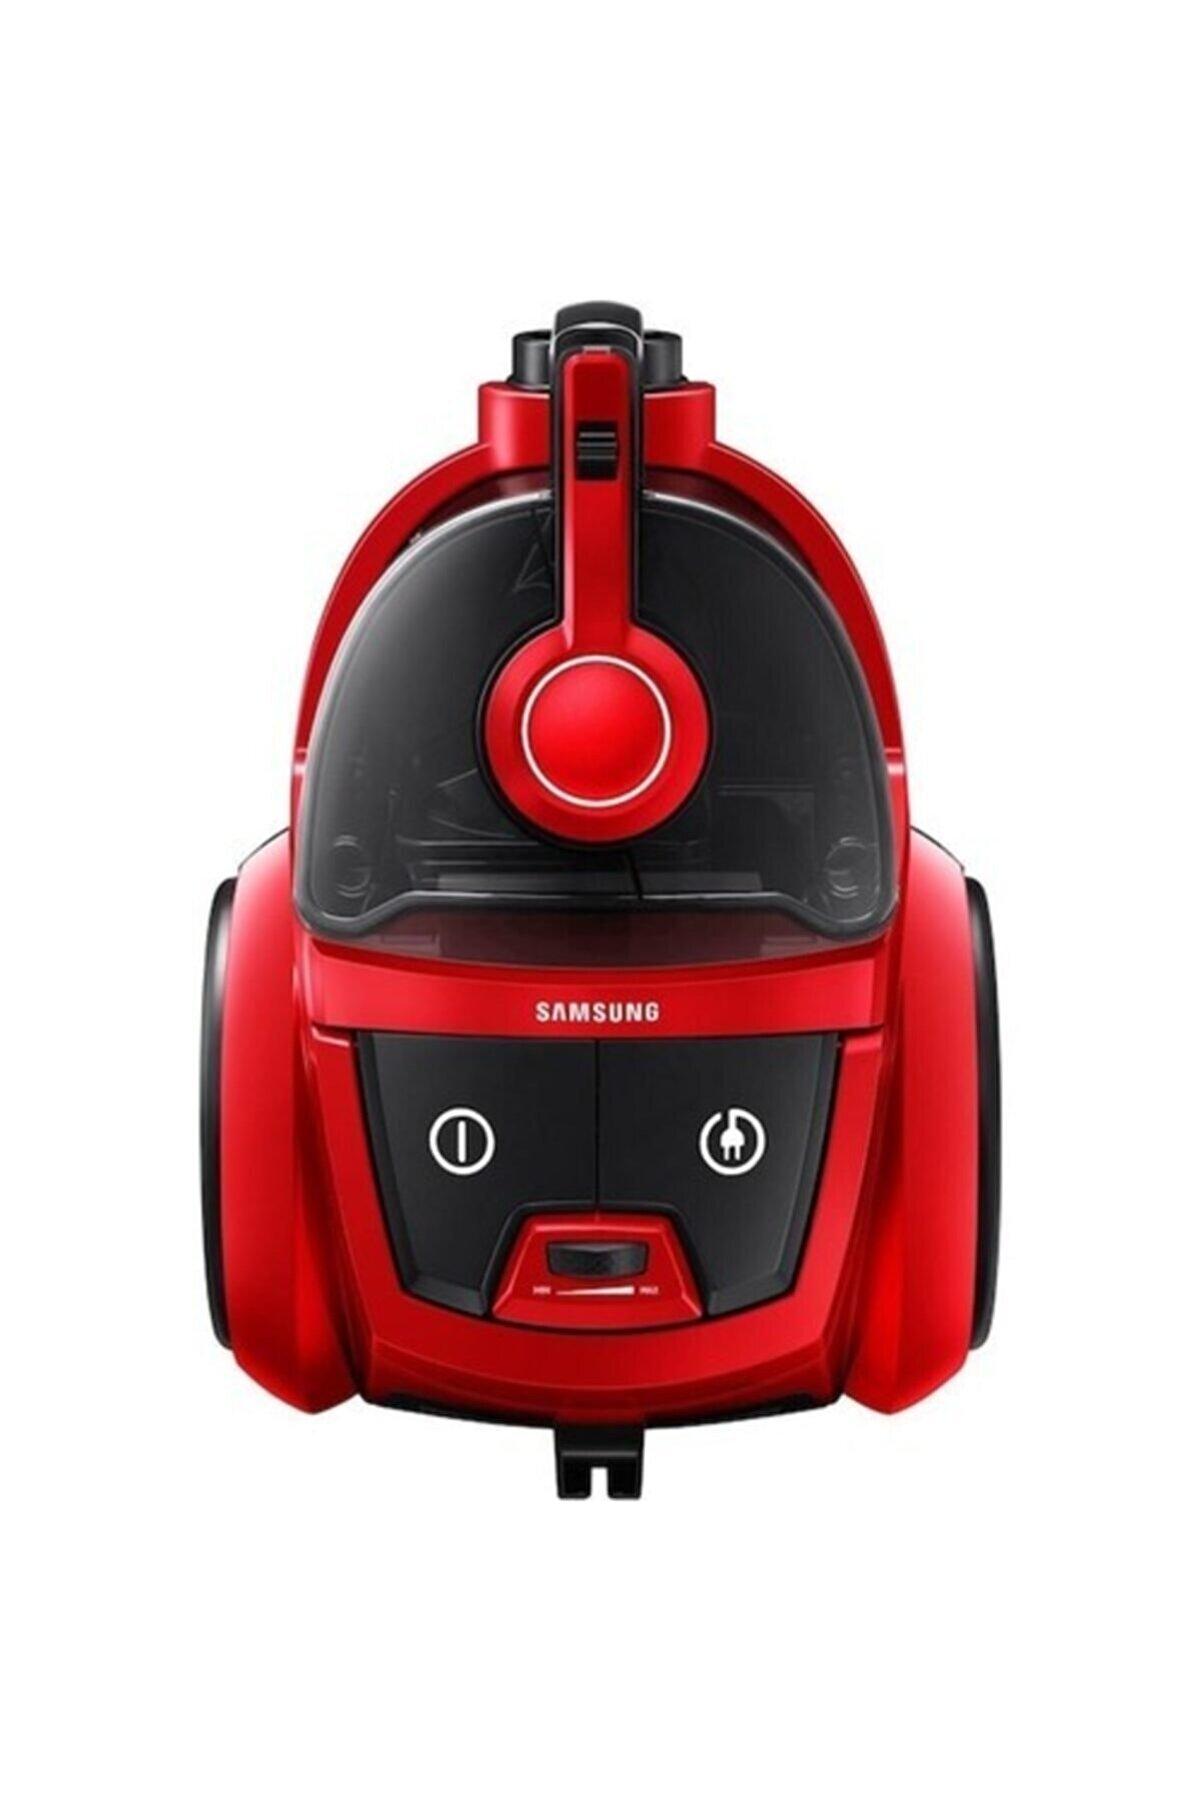 Samsung Toz Torbasız Elektrikli Süpürge Vc07r302mvr/tr